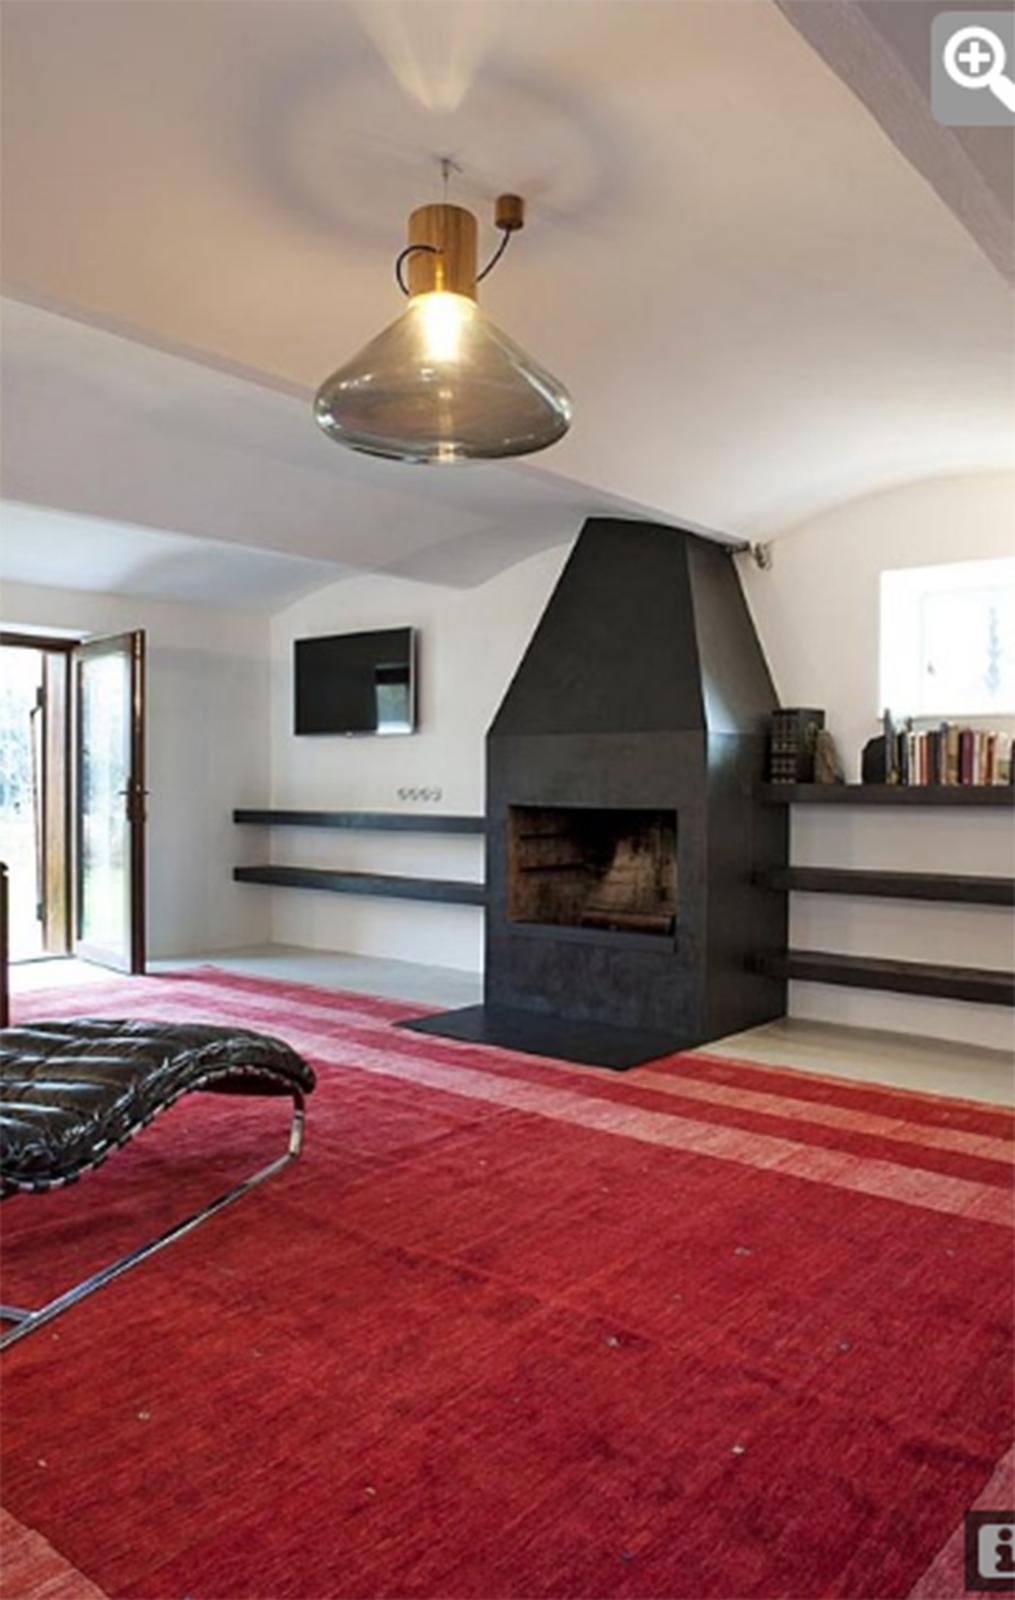 Nové v starom alebo moderné rekonštrukcie - Klenby niesú prekážkou moderného interiéru